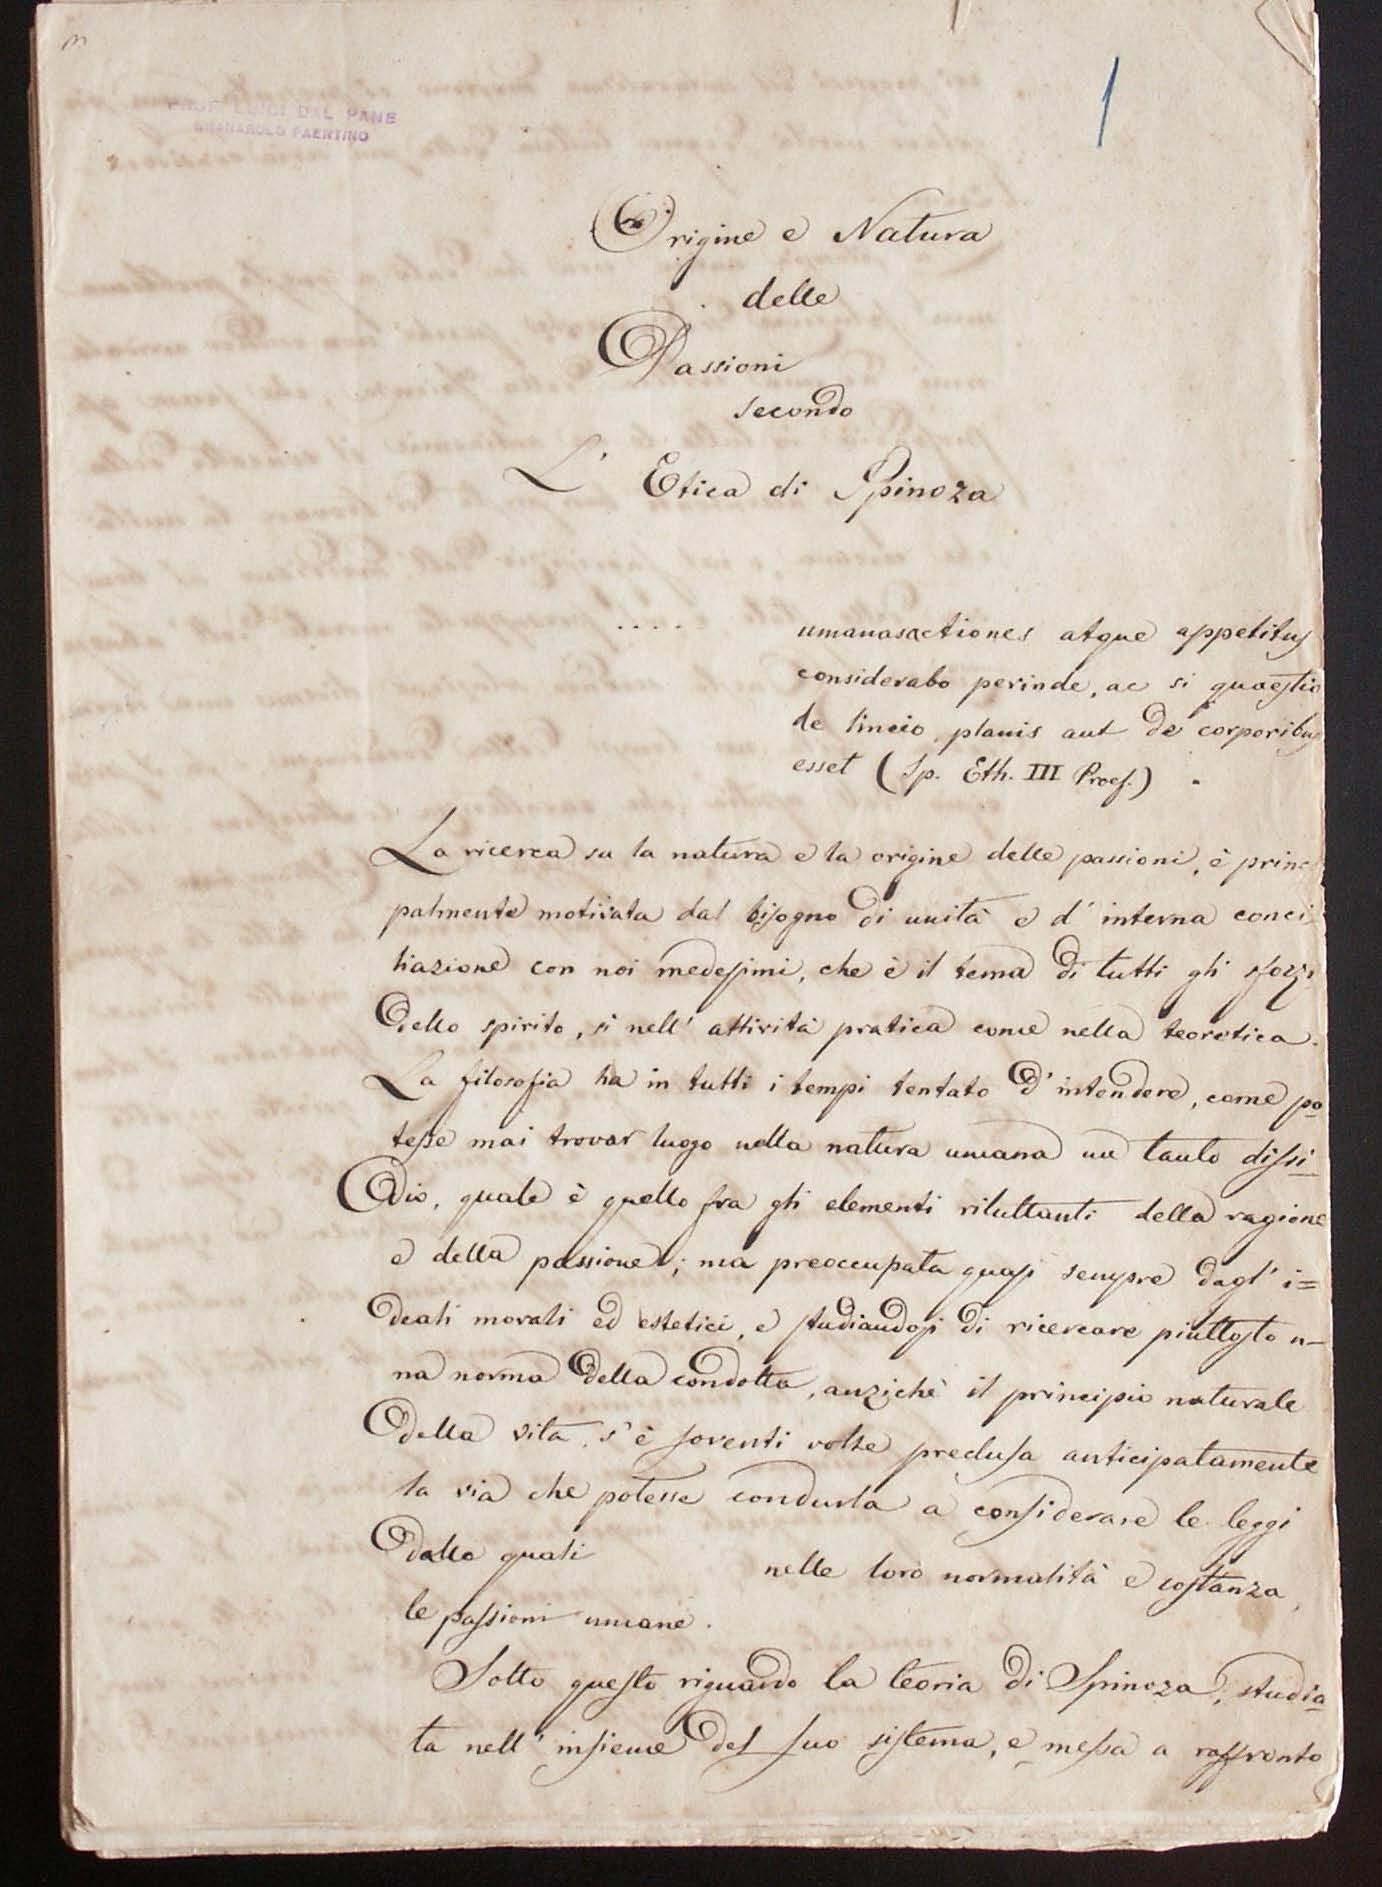 Origine e natura delle passioni secondo l'Etica di Spinoza